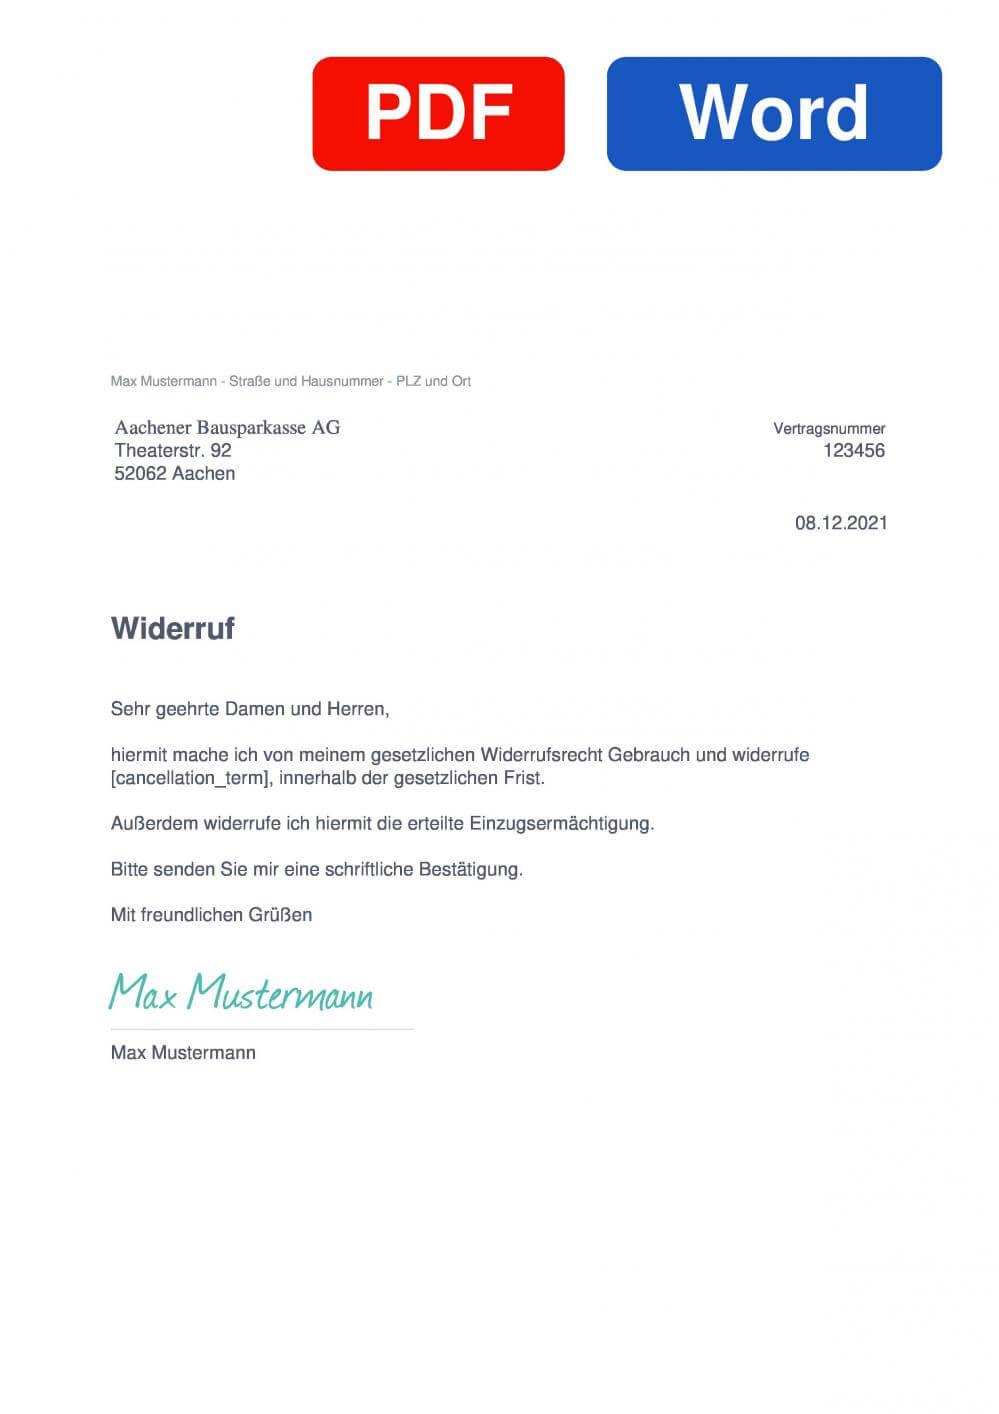 Aachener Bausparkasse Muster Vorlage für Wiederrufsschreiben